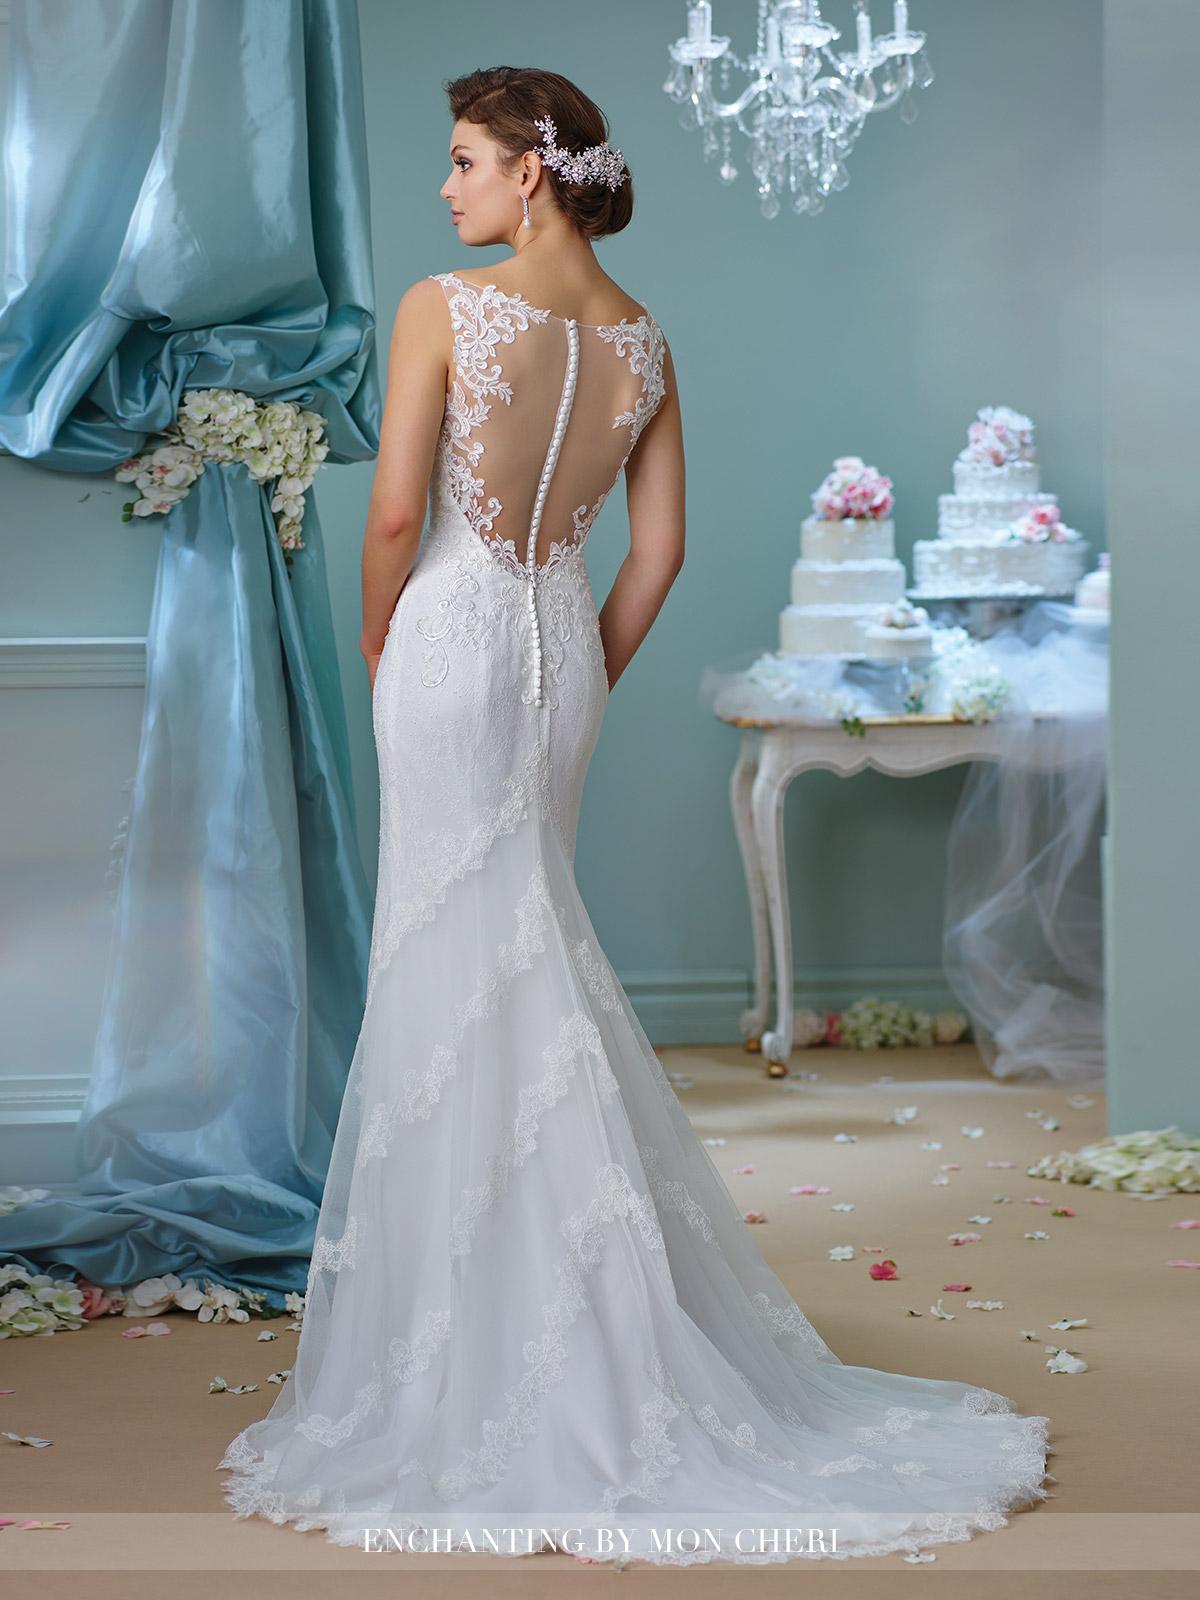 lace bodice wedding dresses photo - 1